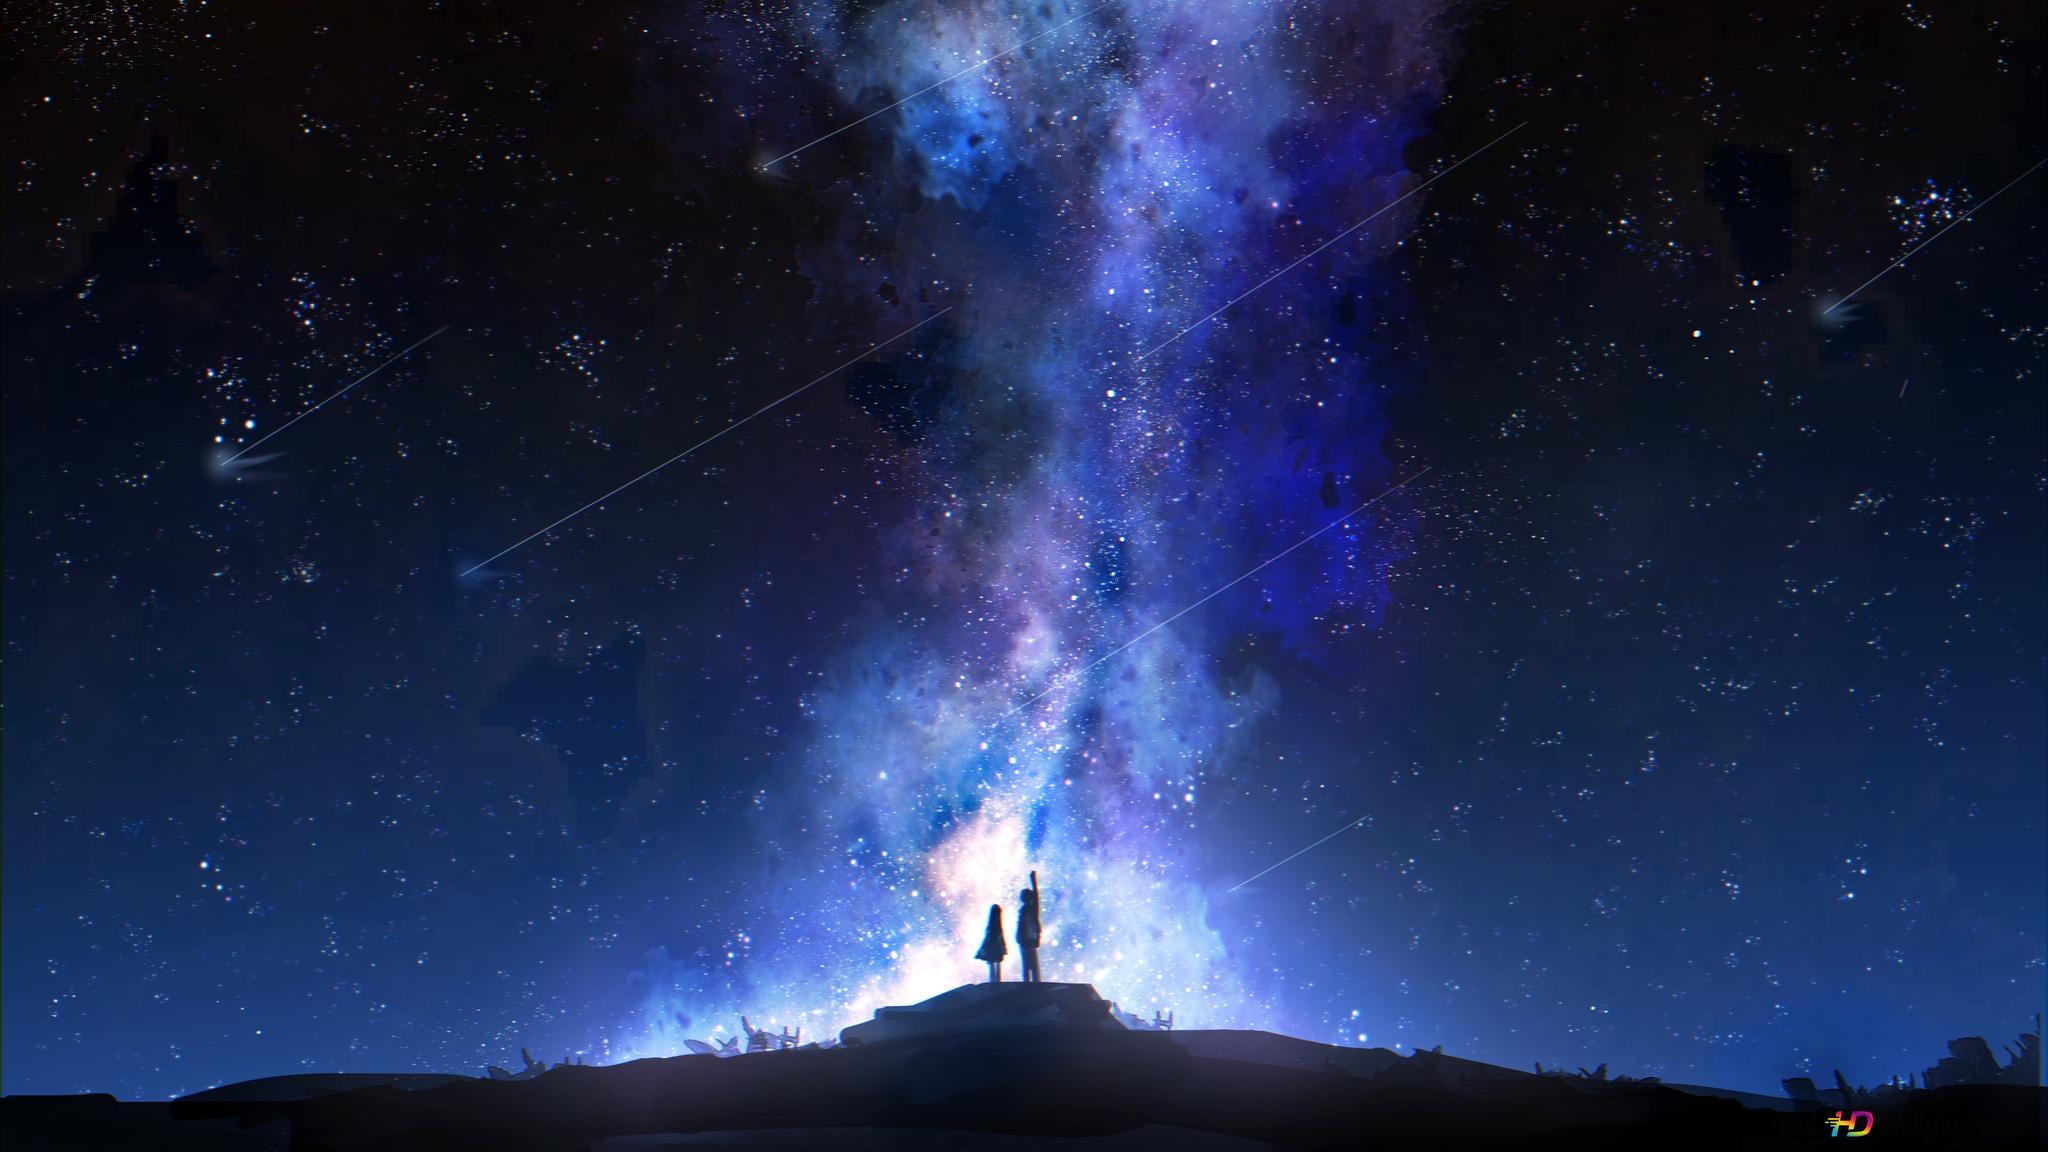 星空視圖高清壁紙下載